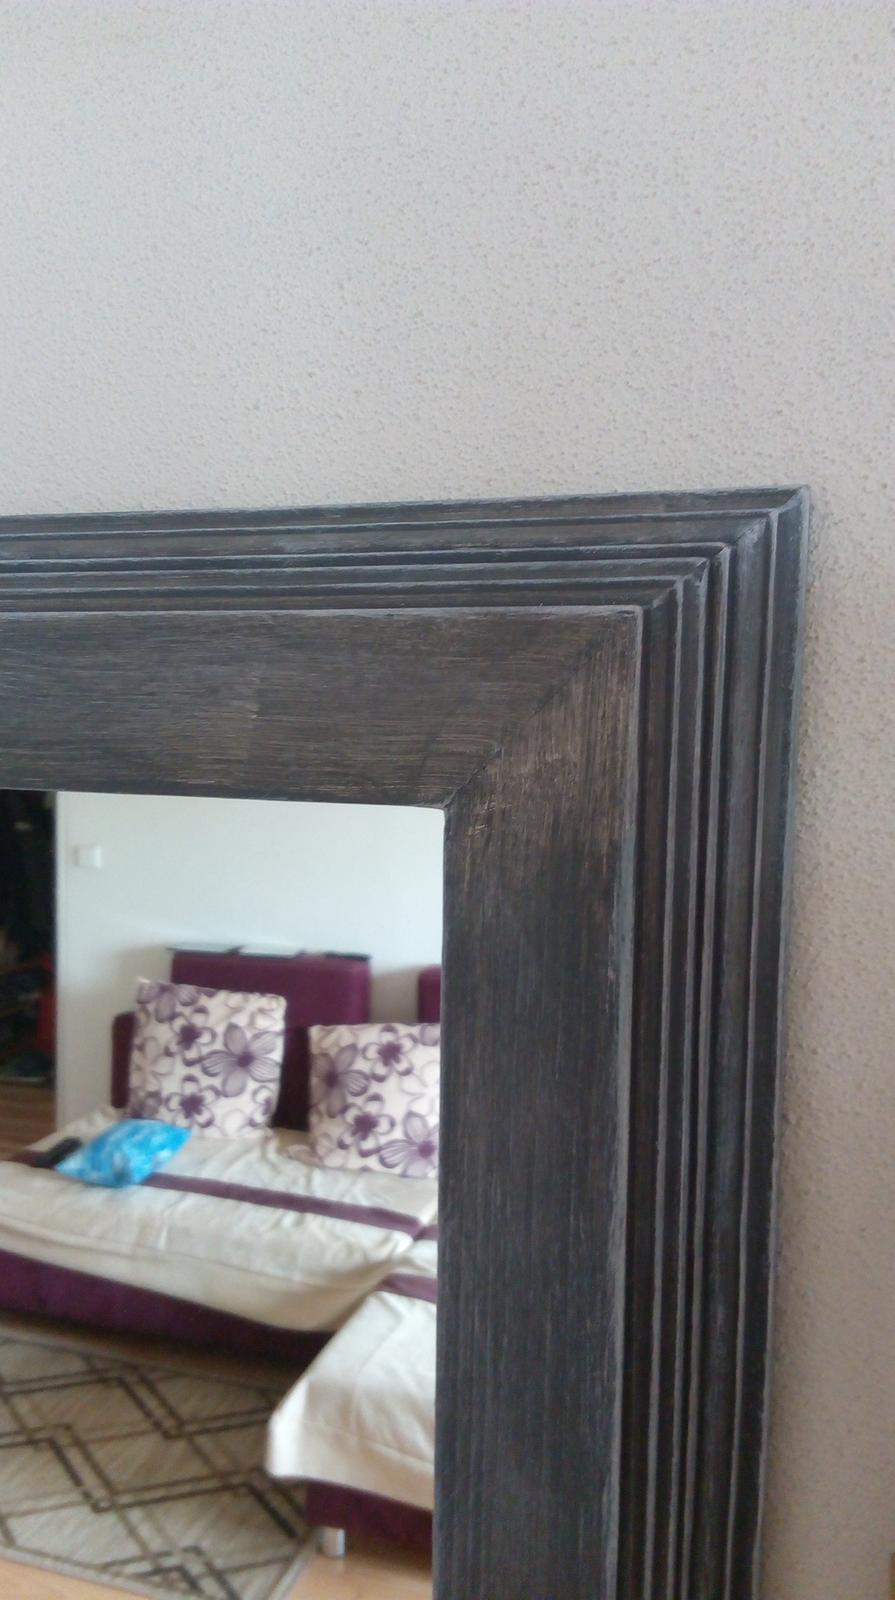 Zrkadlo v drevenom ráme - Obrázok č. 2